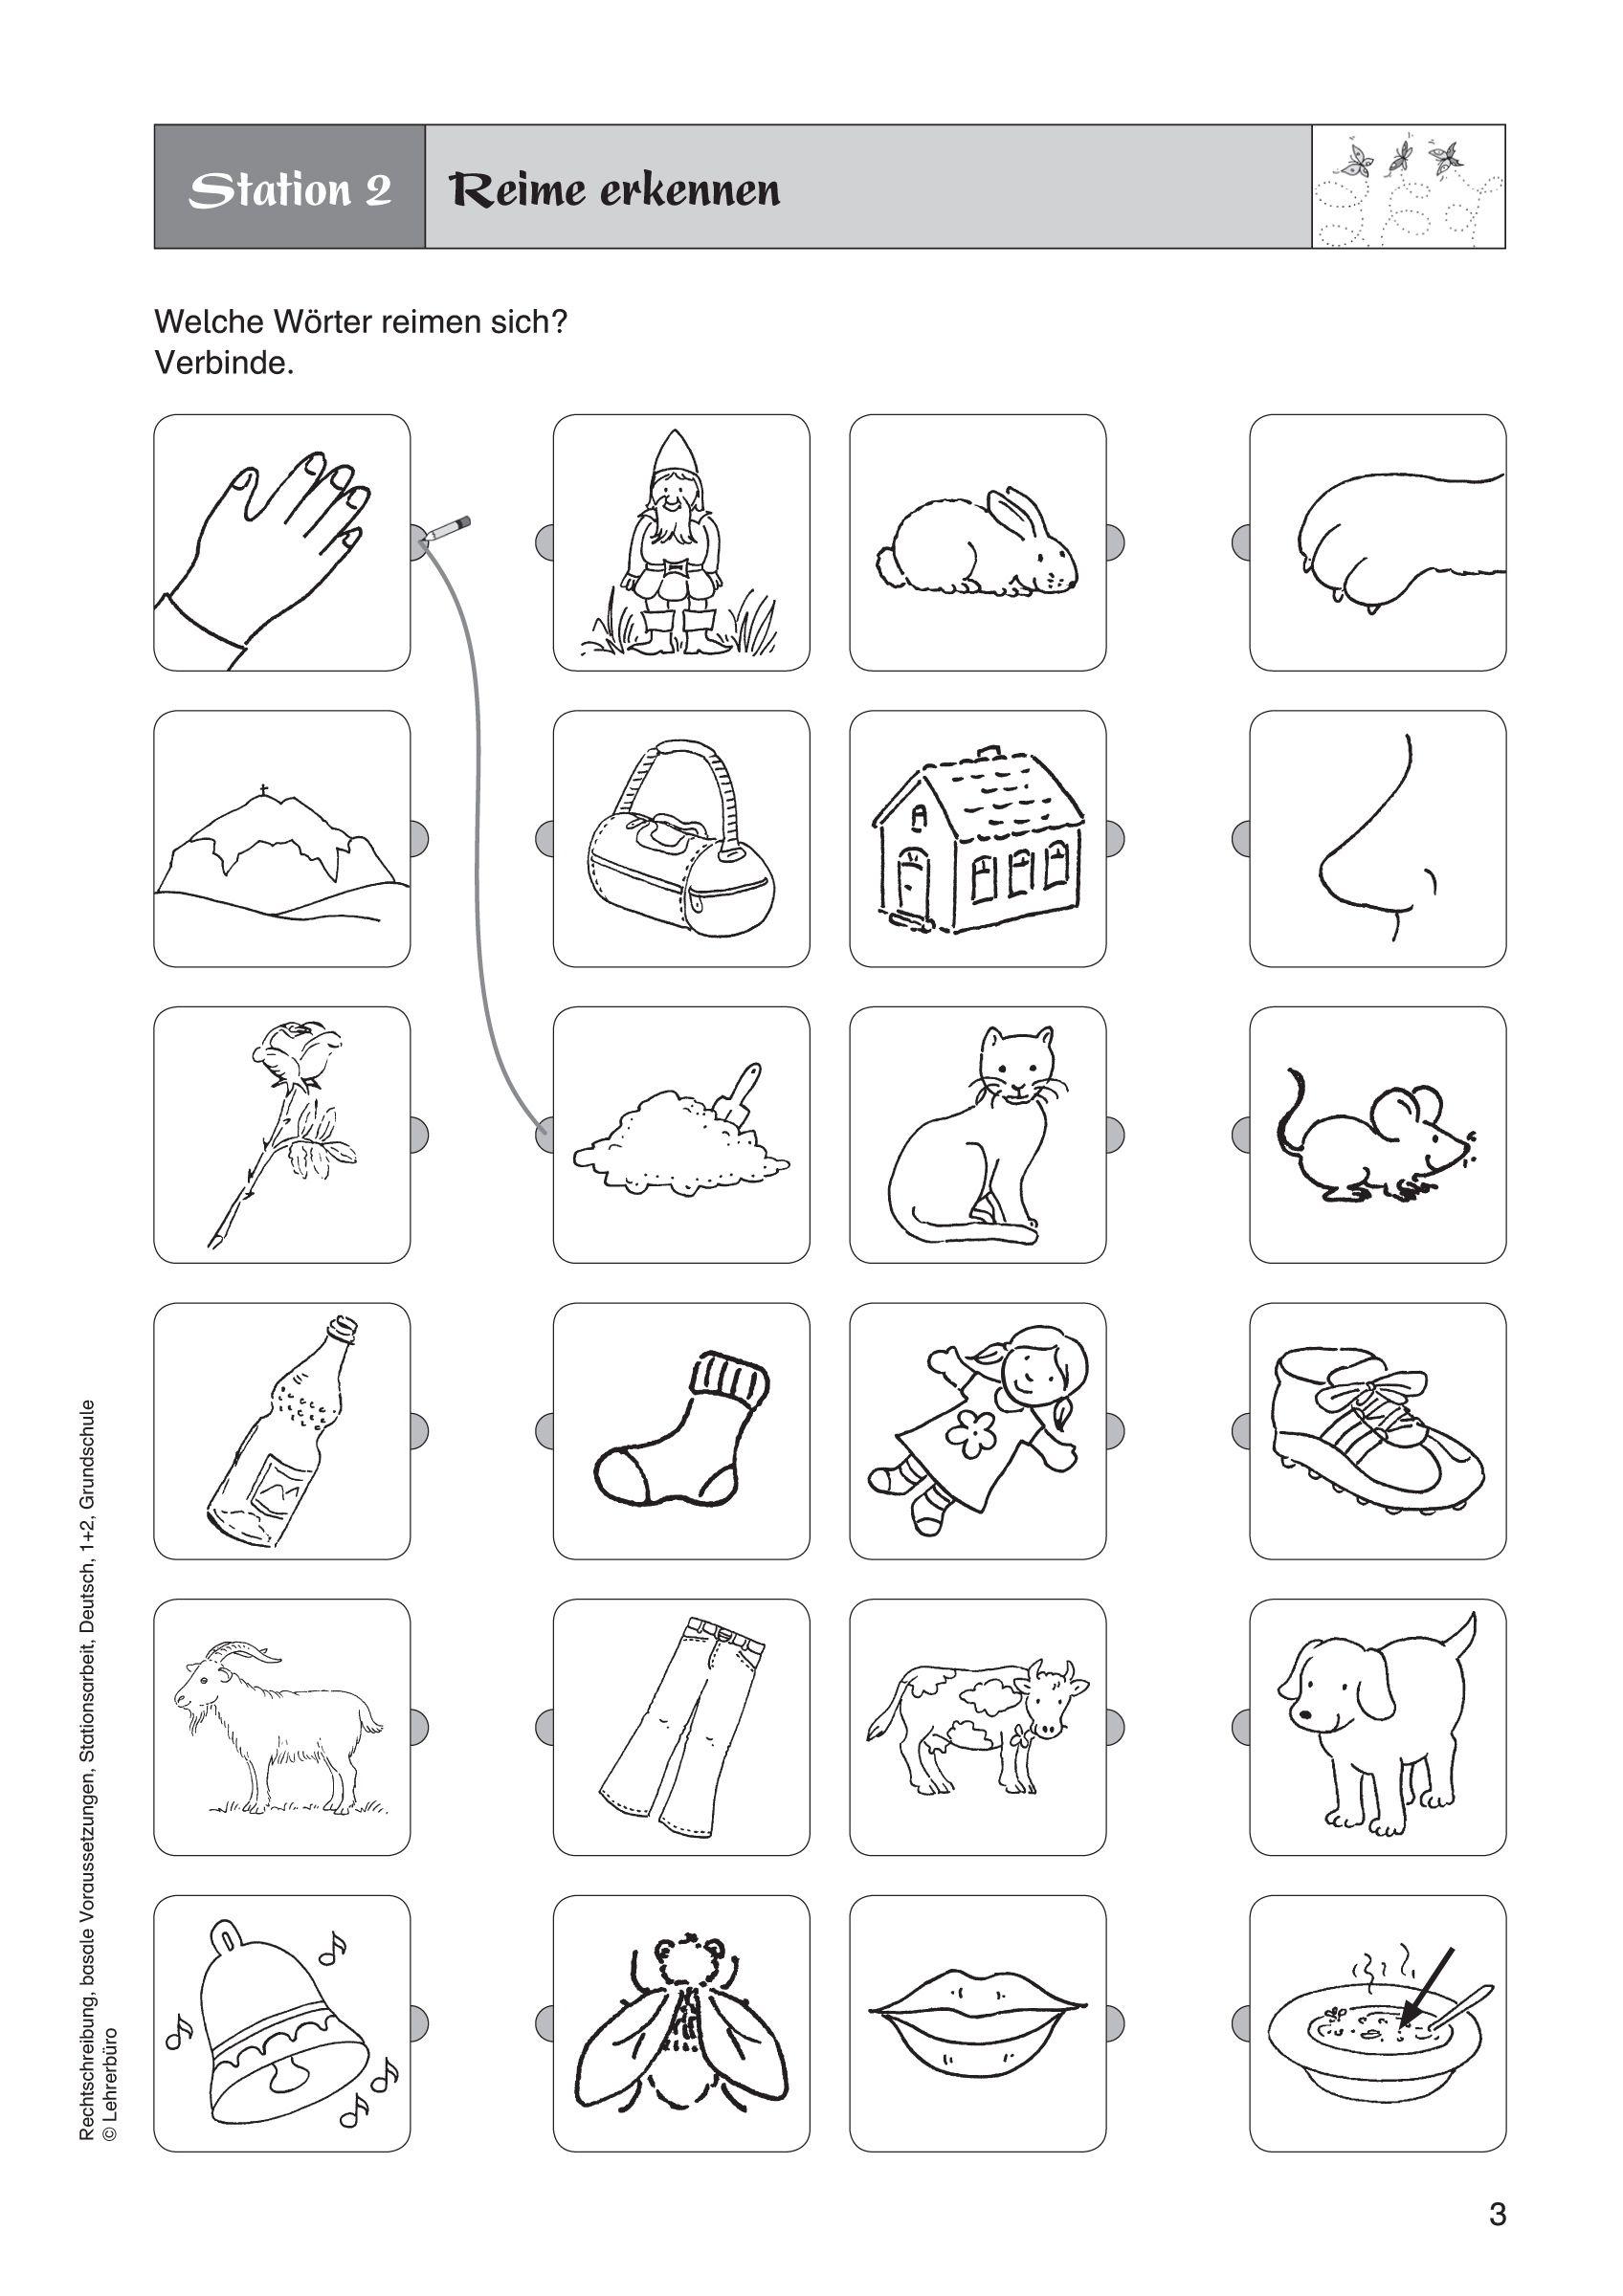 Aufgaben Für Vorschulkinder - kinderbilder.download